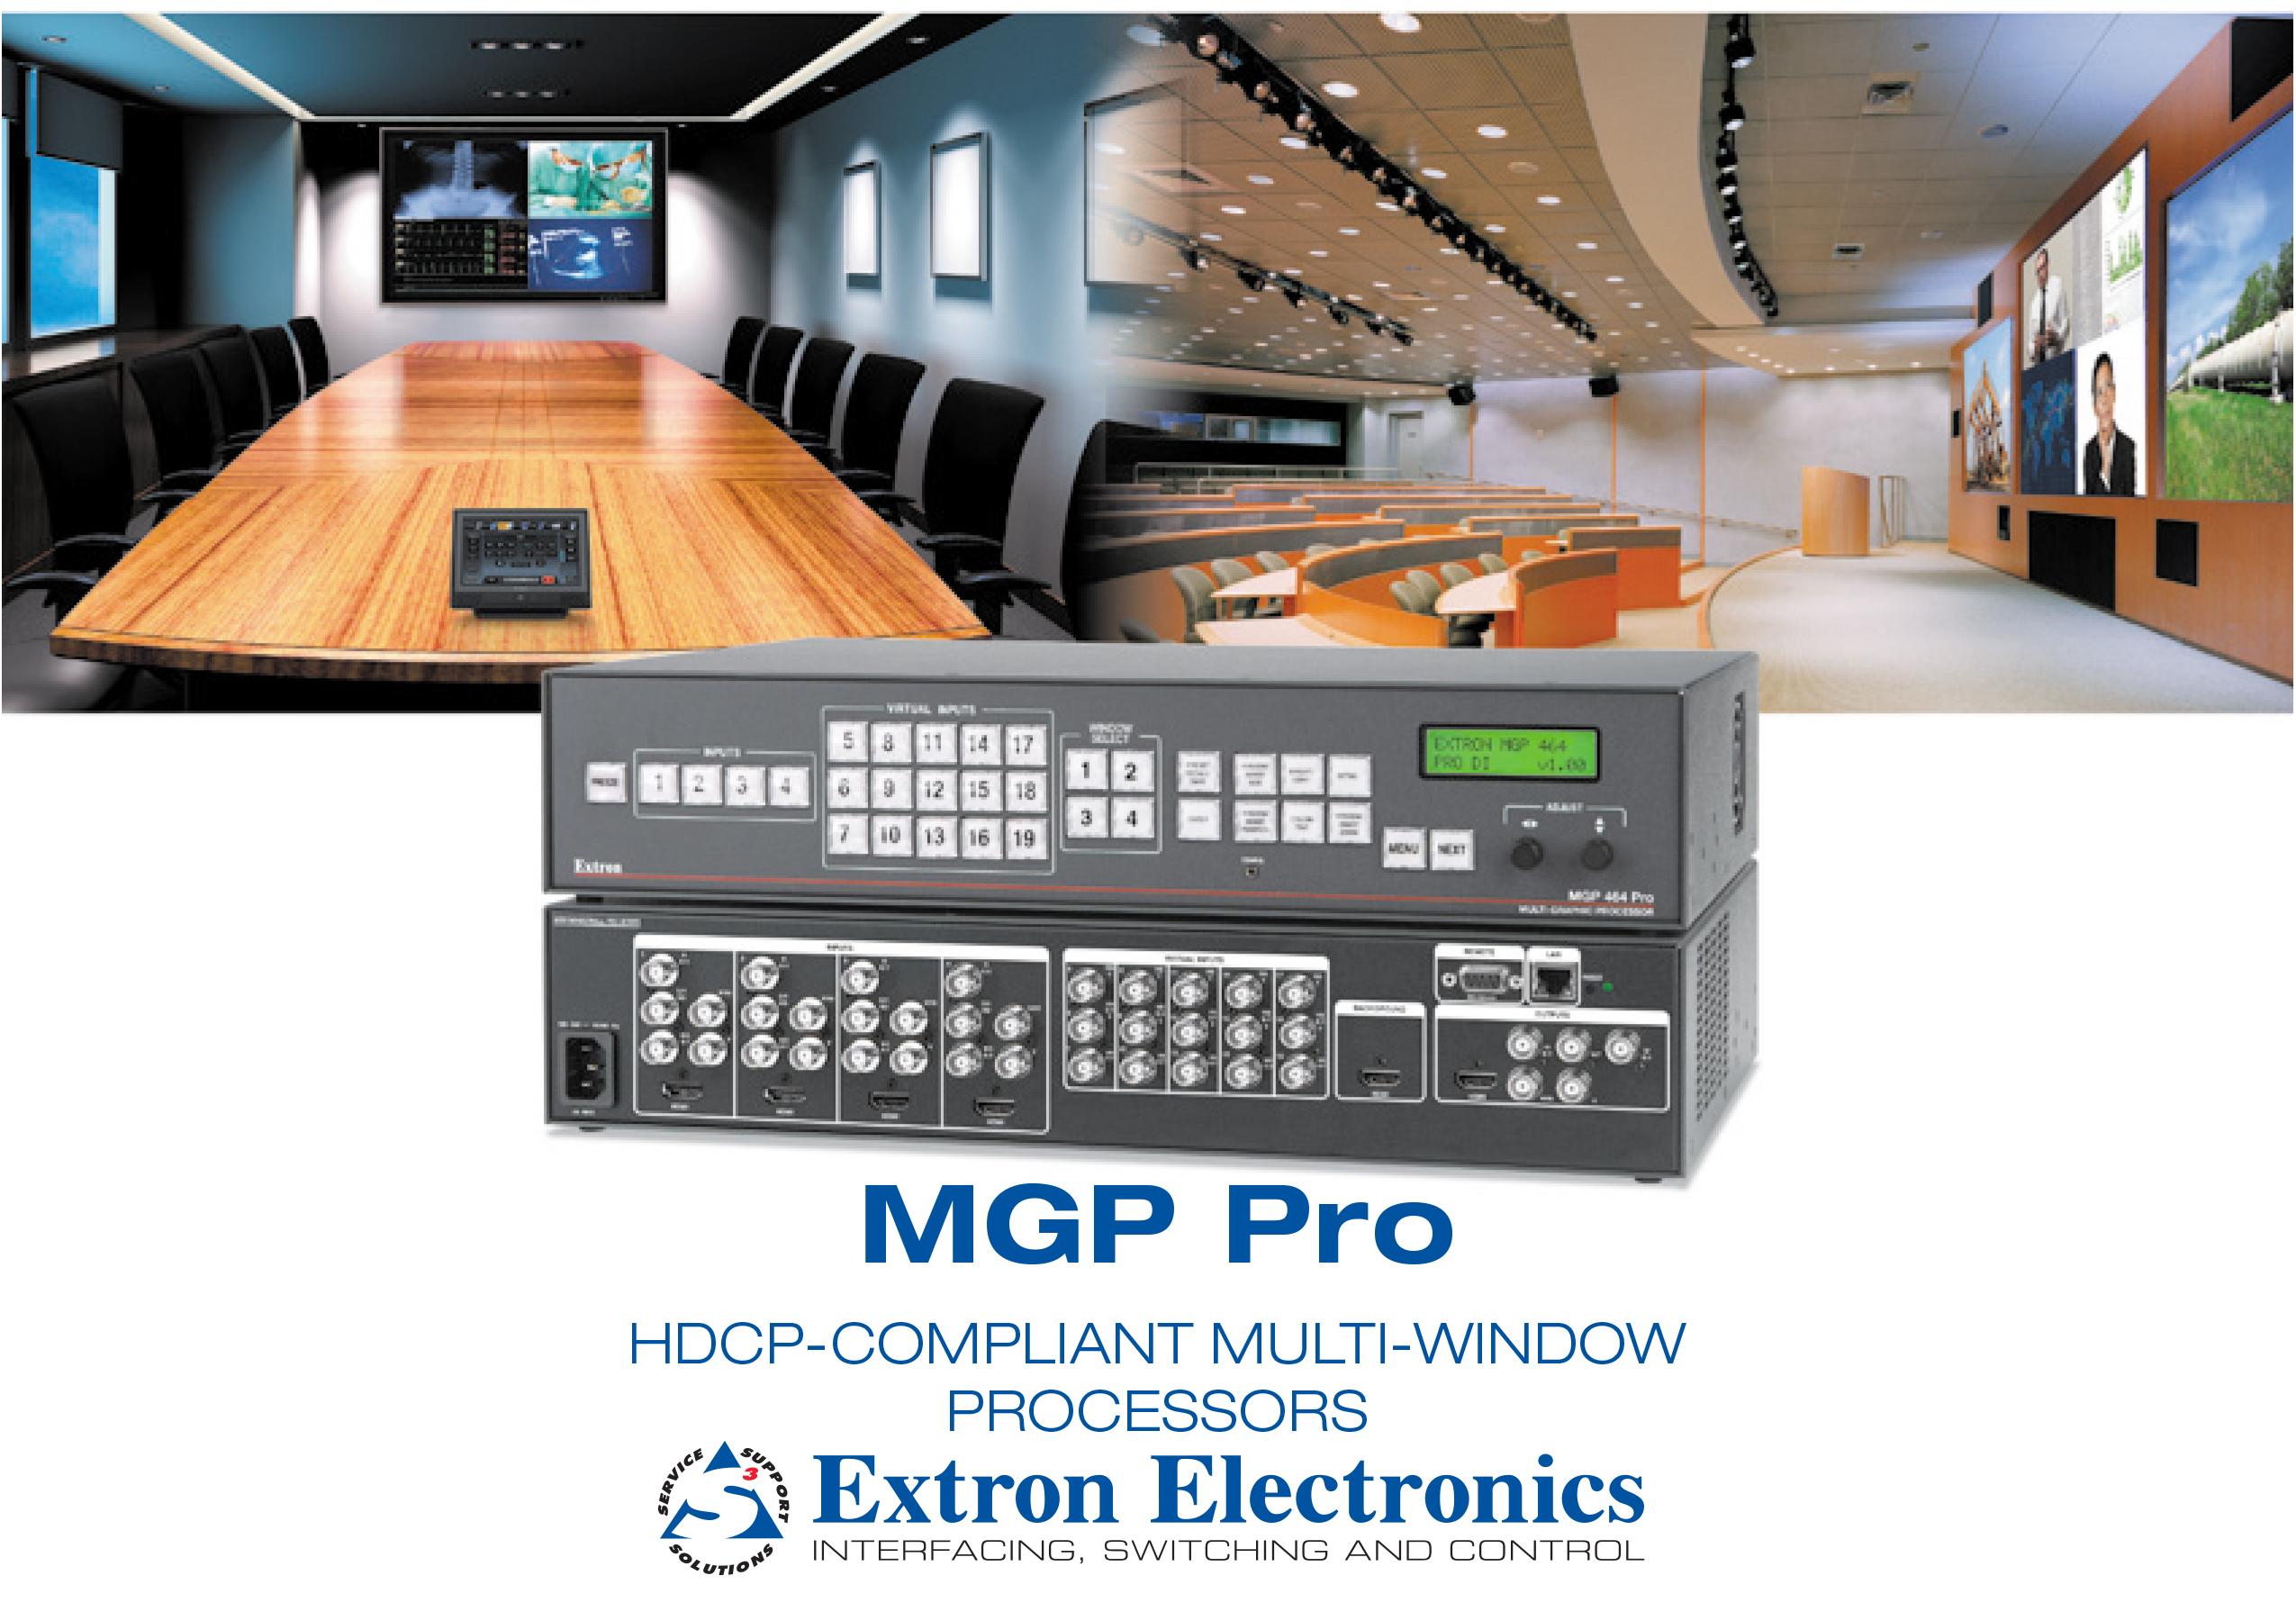 Thiết bị chuyển mạch và sắp xếp tín hiệu hình ảnh MGP 464 Pro